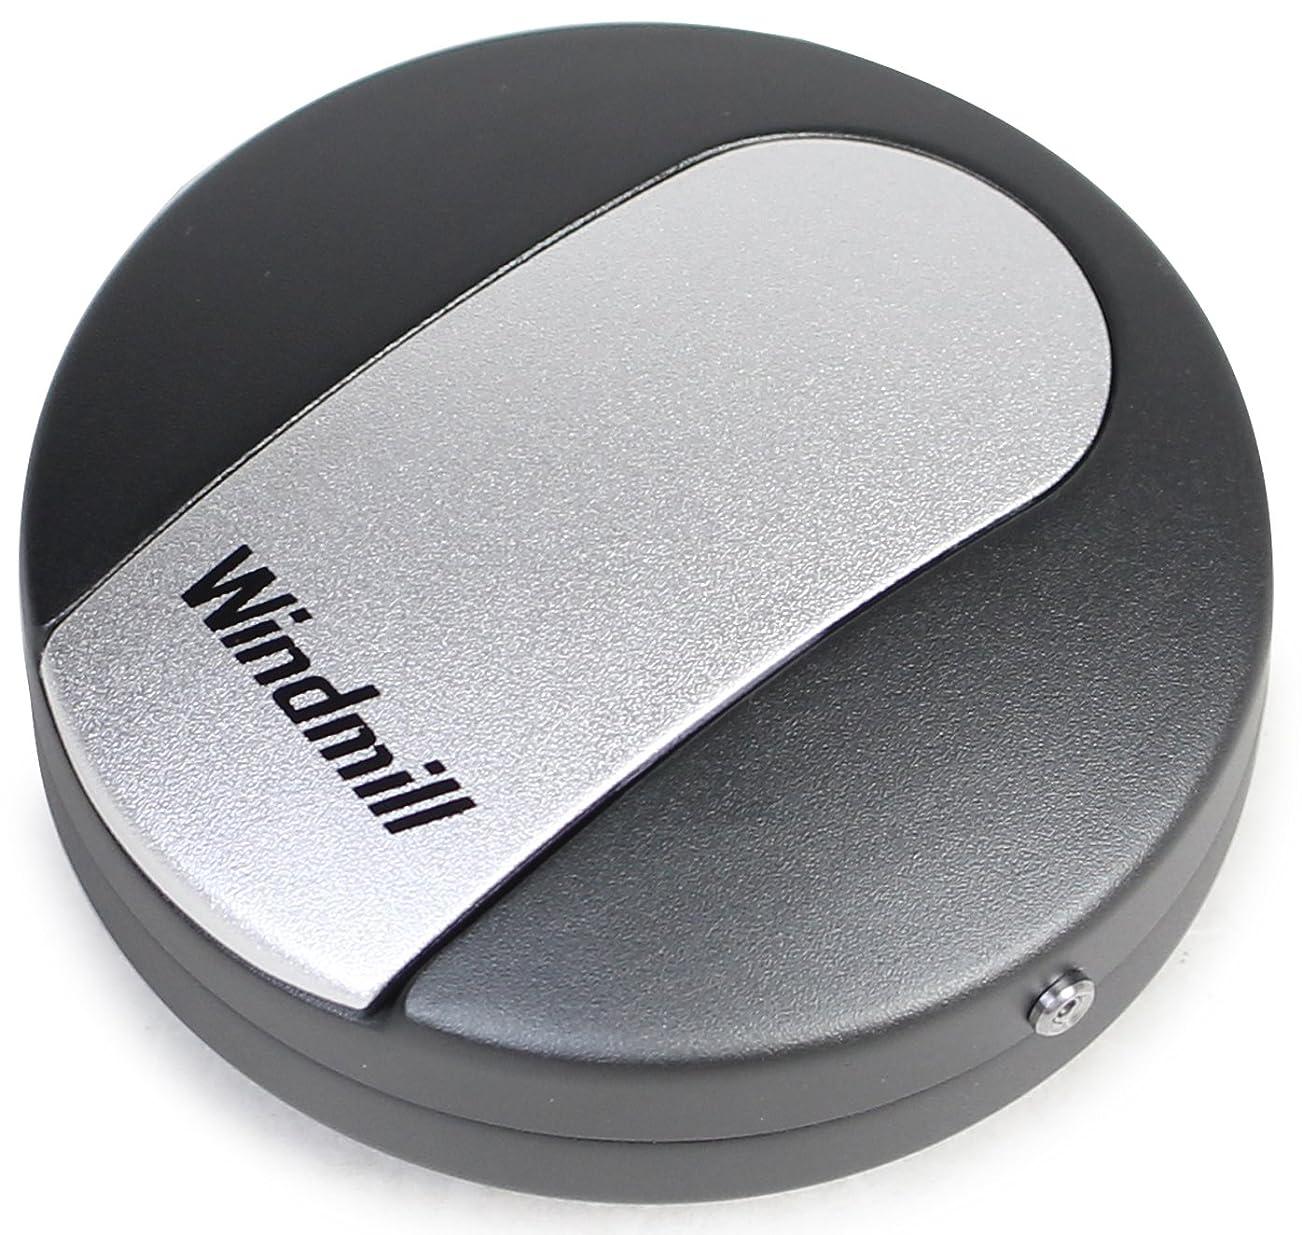 イソギンチャク巨人露WINDMILL(ウインドミル) 携帯灰皿 スライド式 アルミ製 WA03